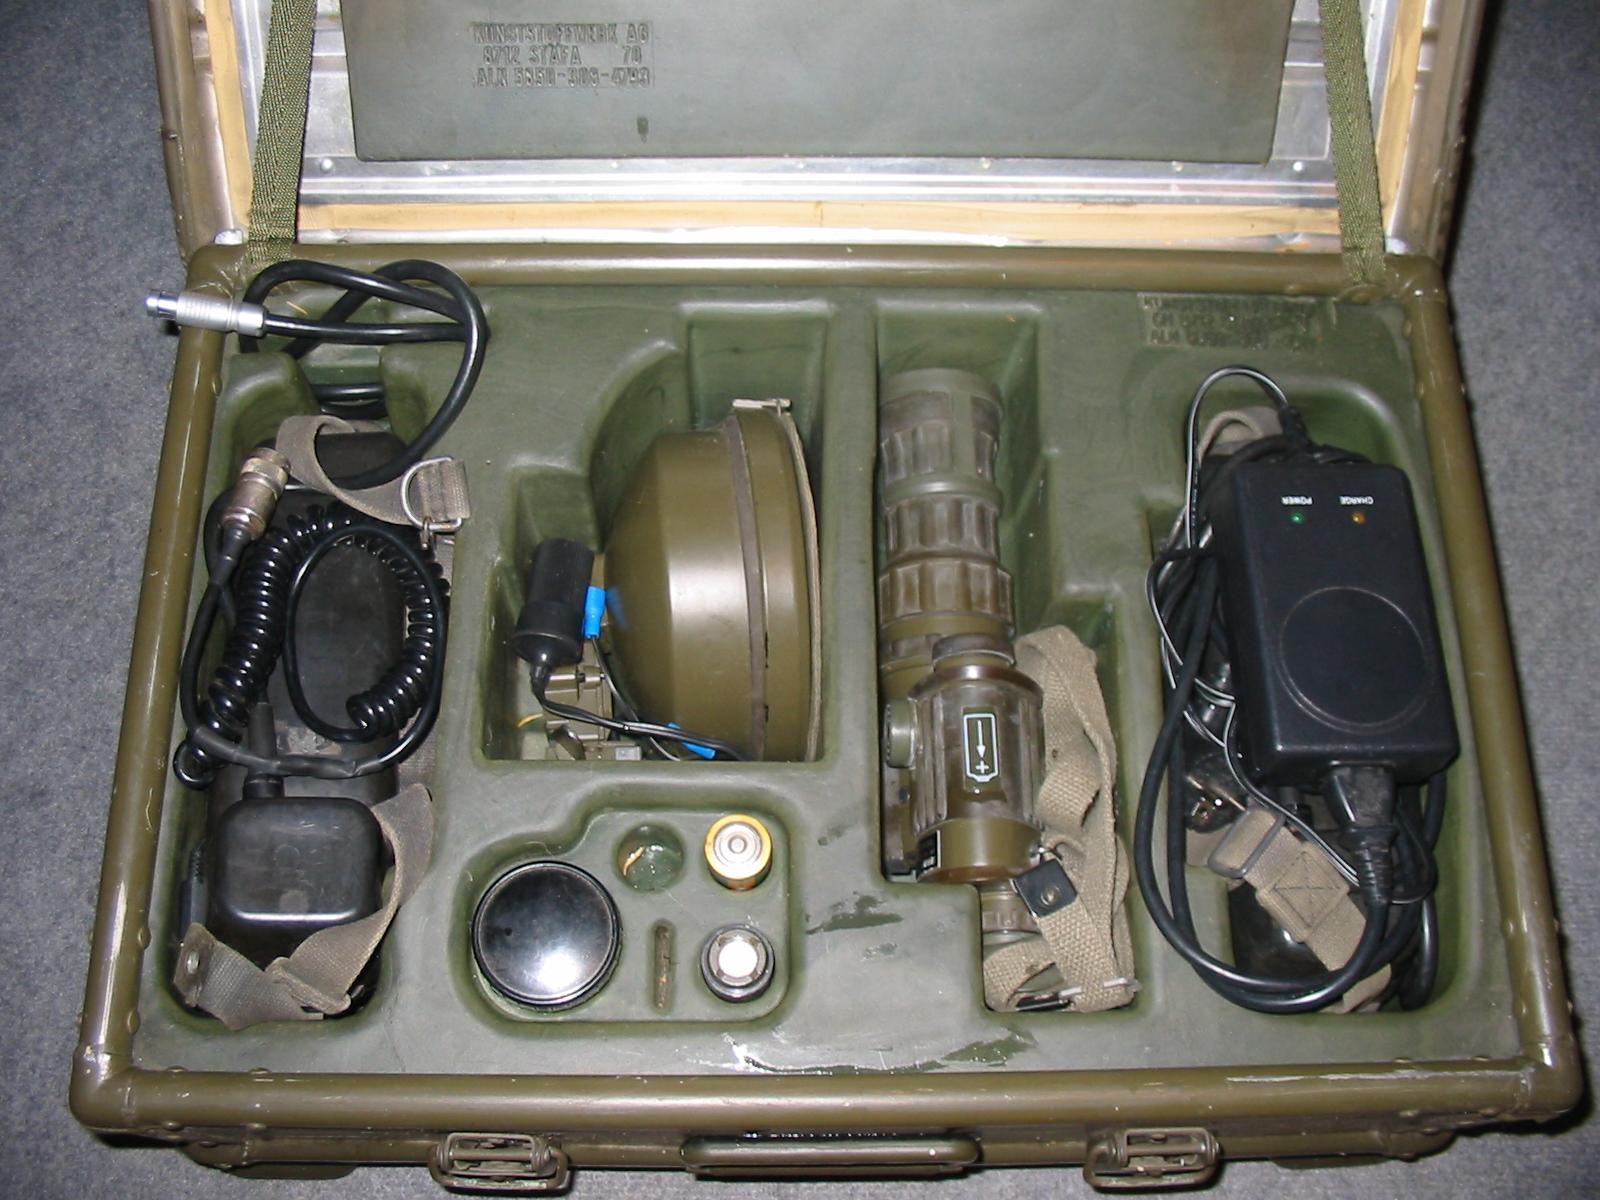 Bw Infrarot-scheinwerfer-satz Fero 51 Valise+batterie+montage+ Binocular Cases & Accessories Binoculars & Telescopes